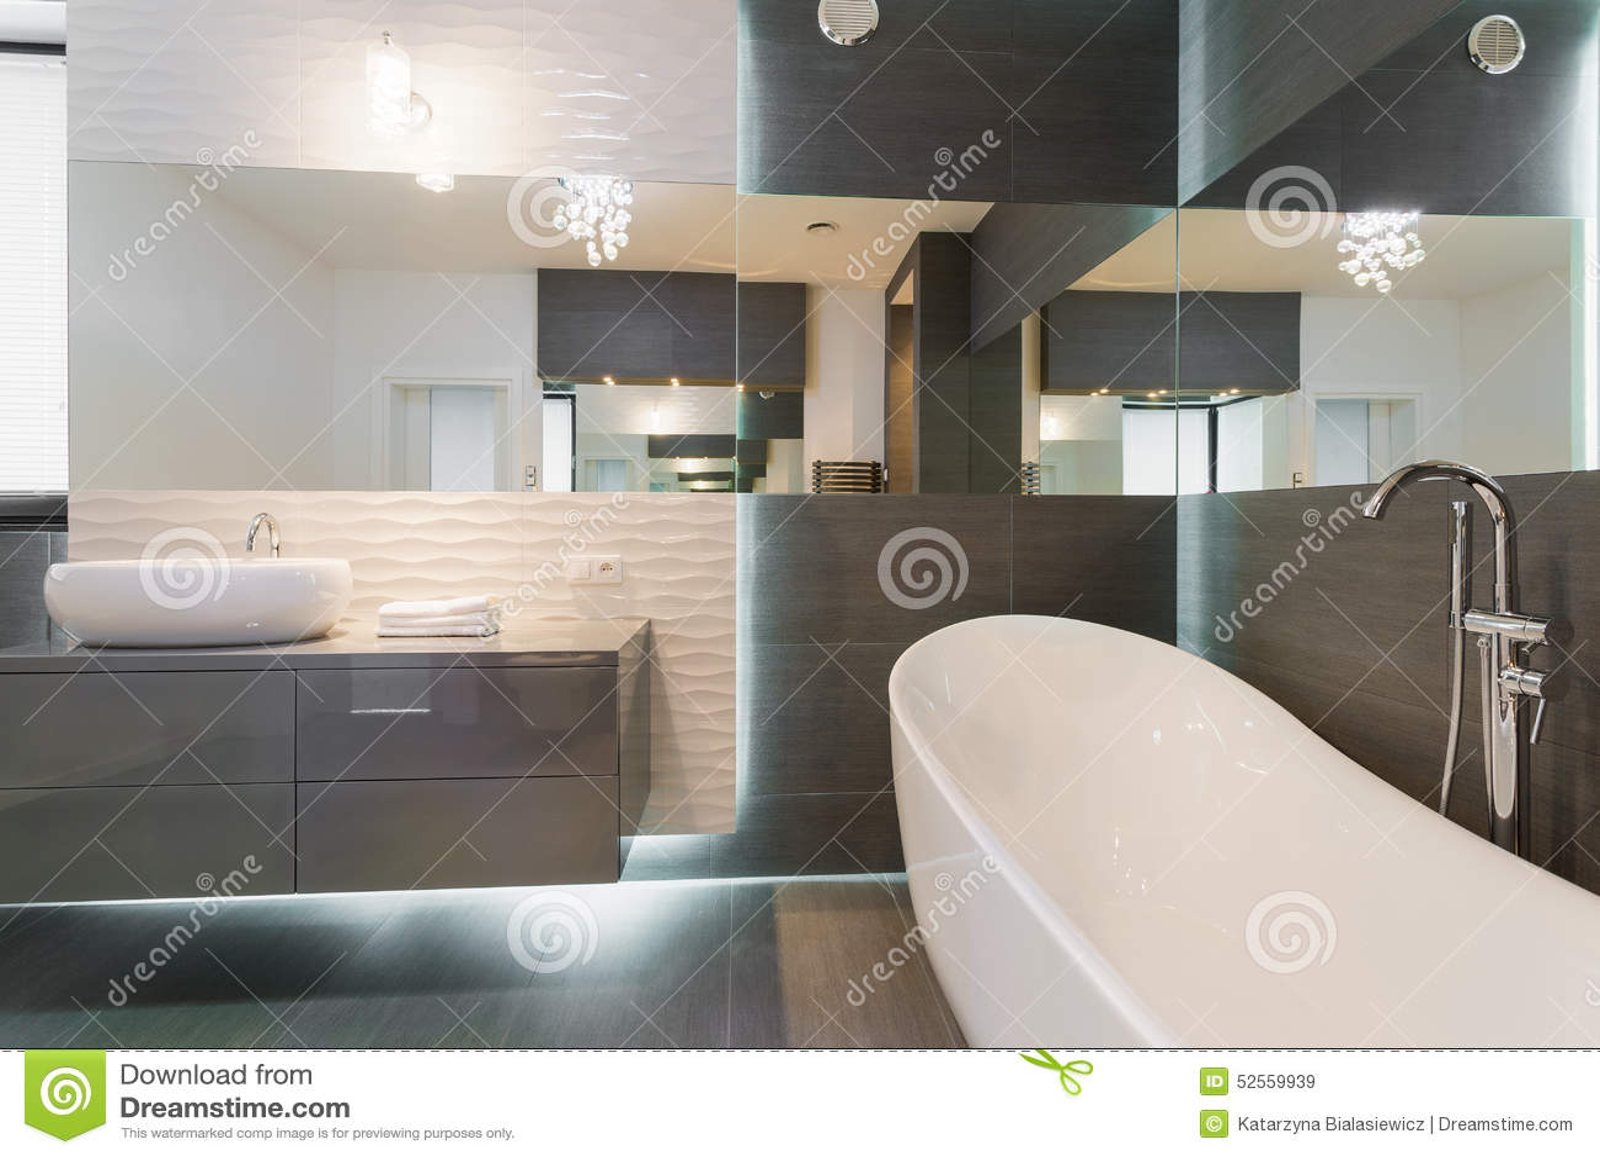 #7A6851 Projeto Moderno Impressionante Do Banheiro Foto de Stock Imagem  1300x957 px projeto banheiro banheira